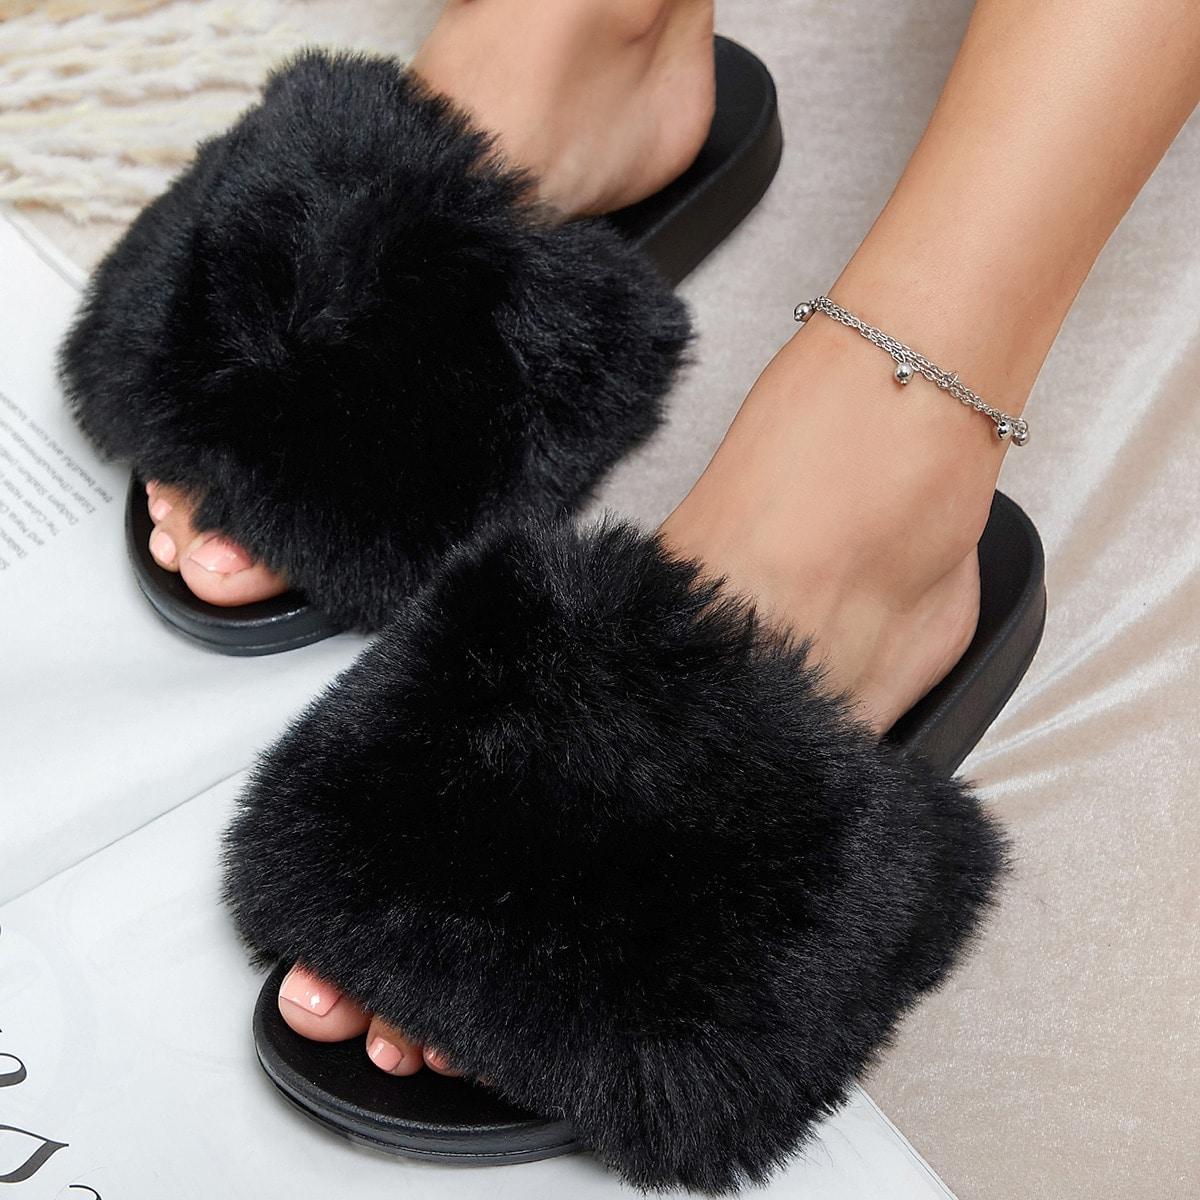 SHEIN / Fuzzy Faux Fur Vamp Slide Sandals